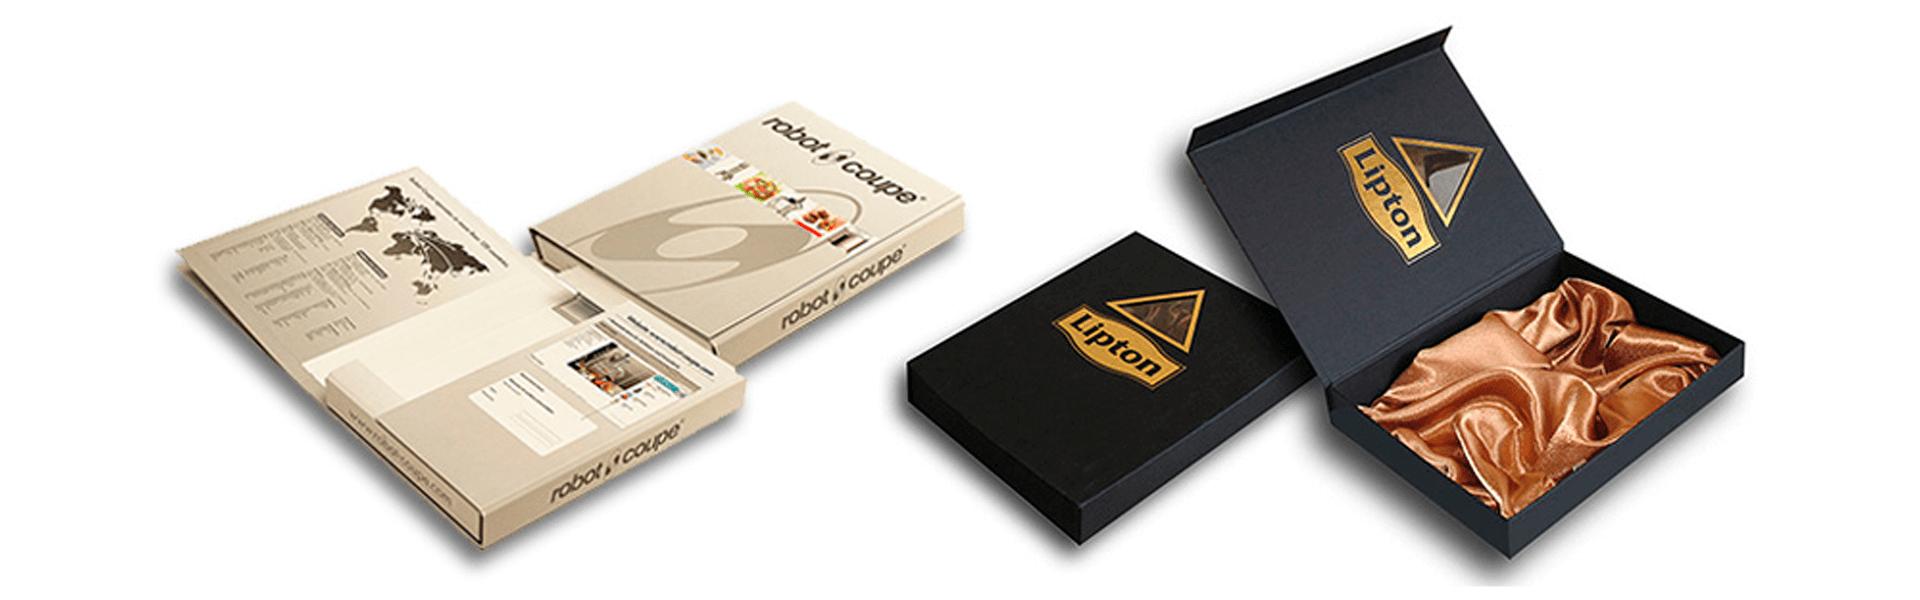 Фото - Подарочные коробки оптом Украина Полиграф-Сити